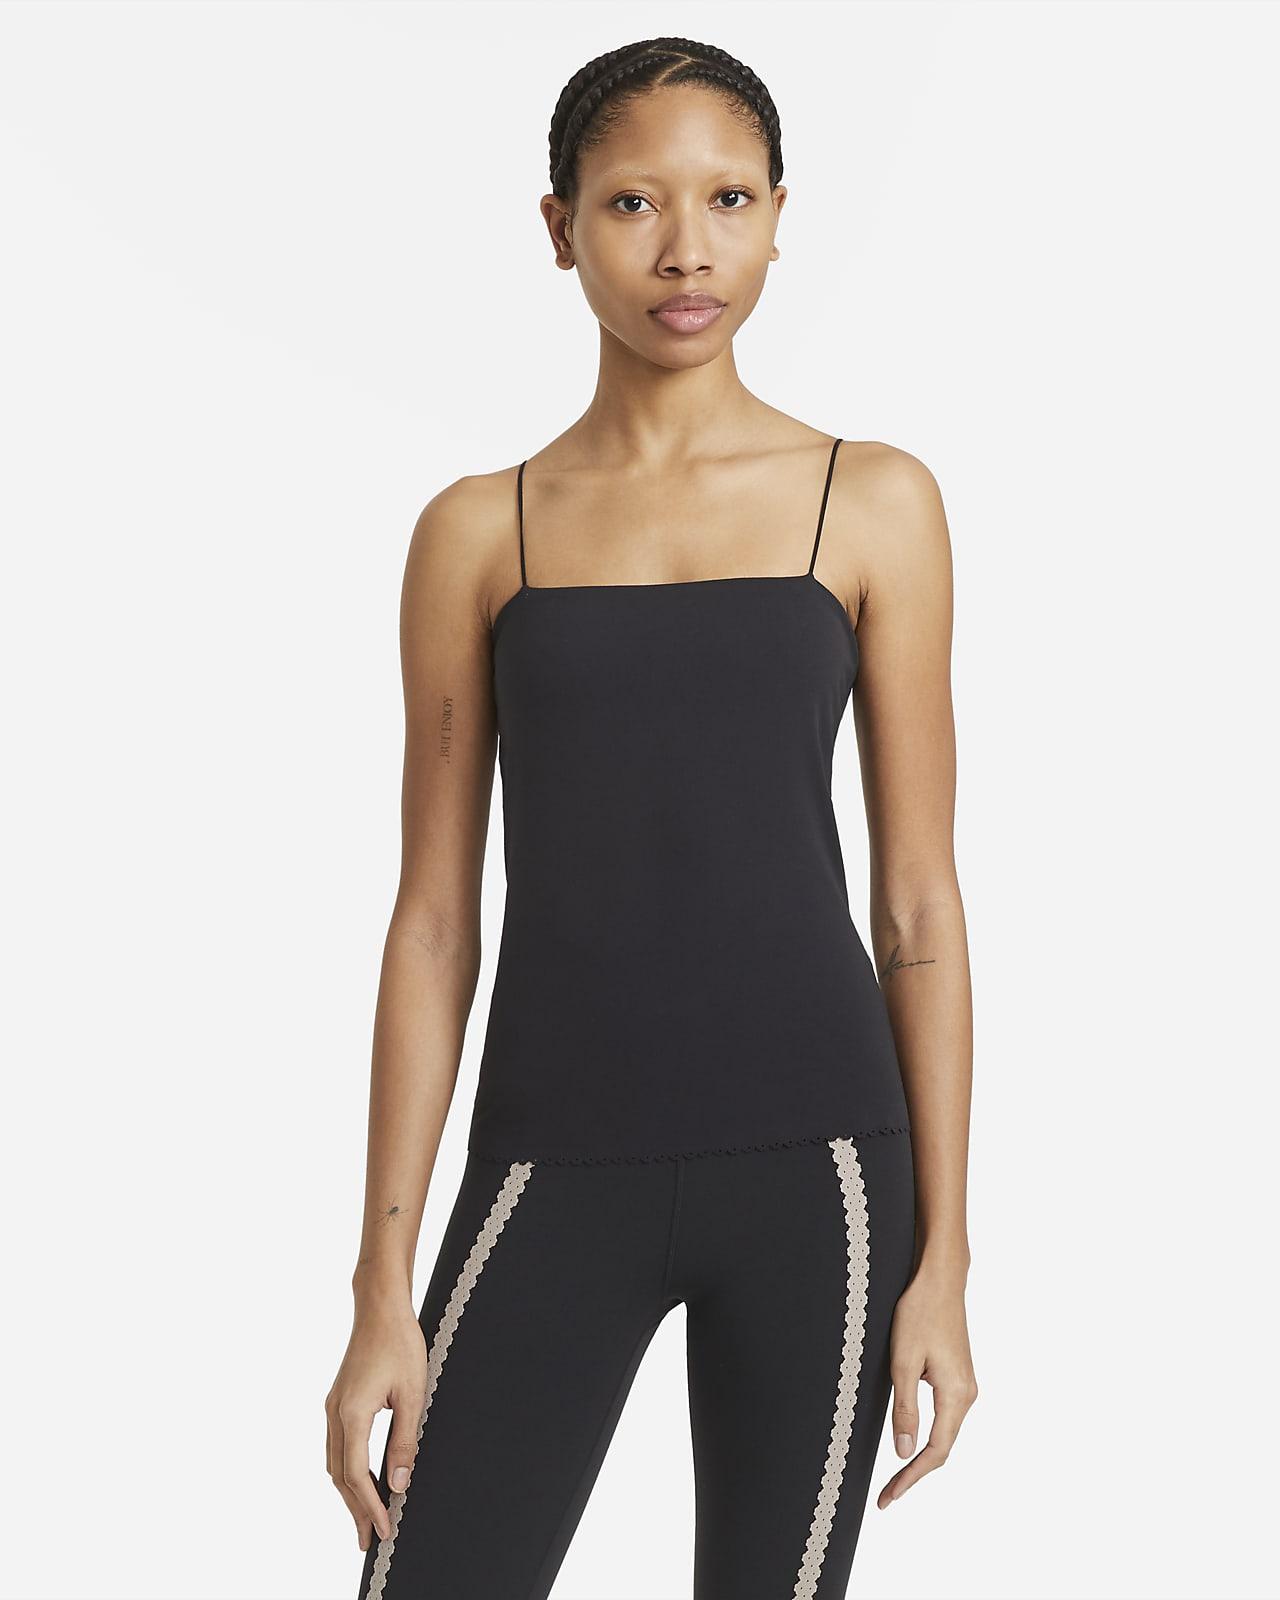 Débardeur à brassière intégrée Nike Yoga Luxe Eyelet pour Femme